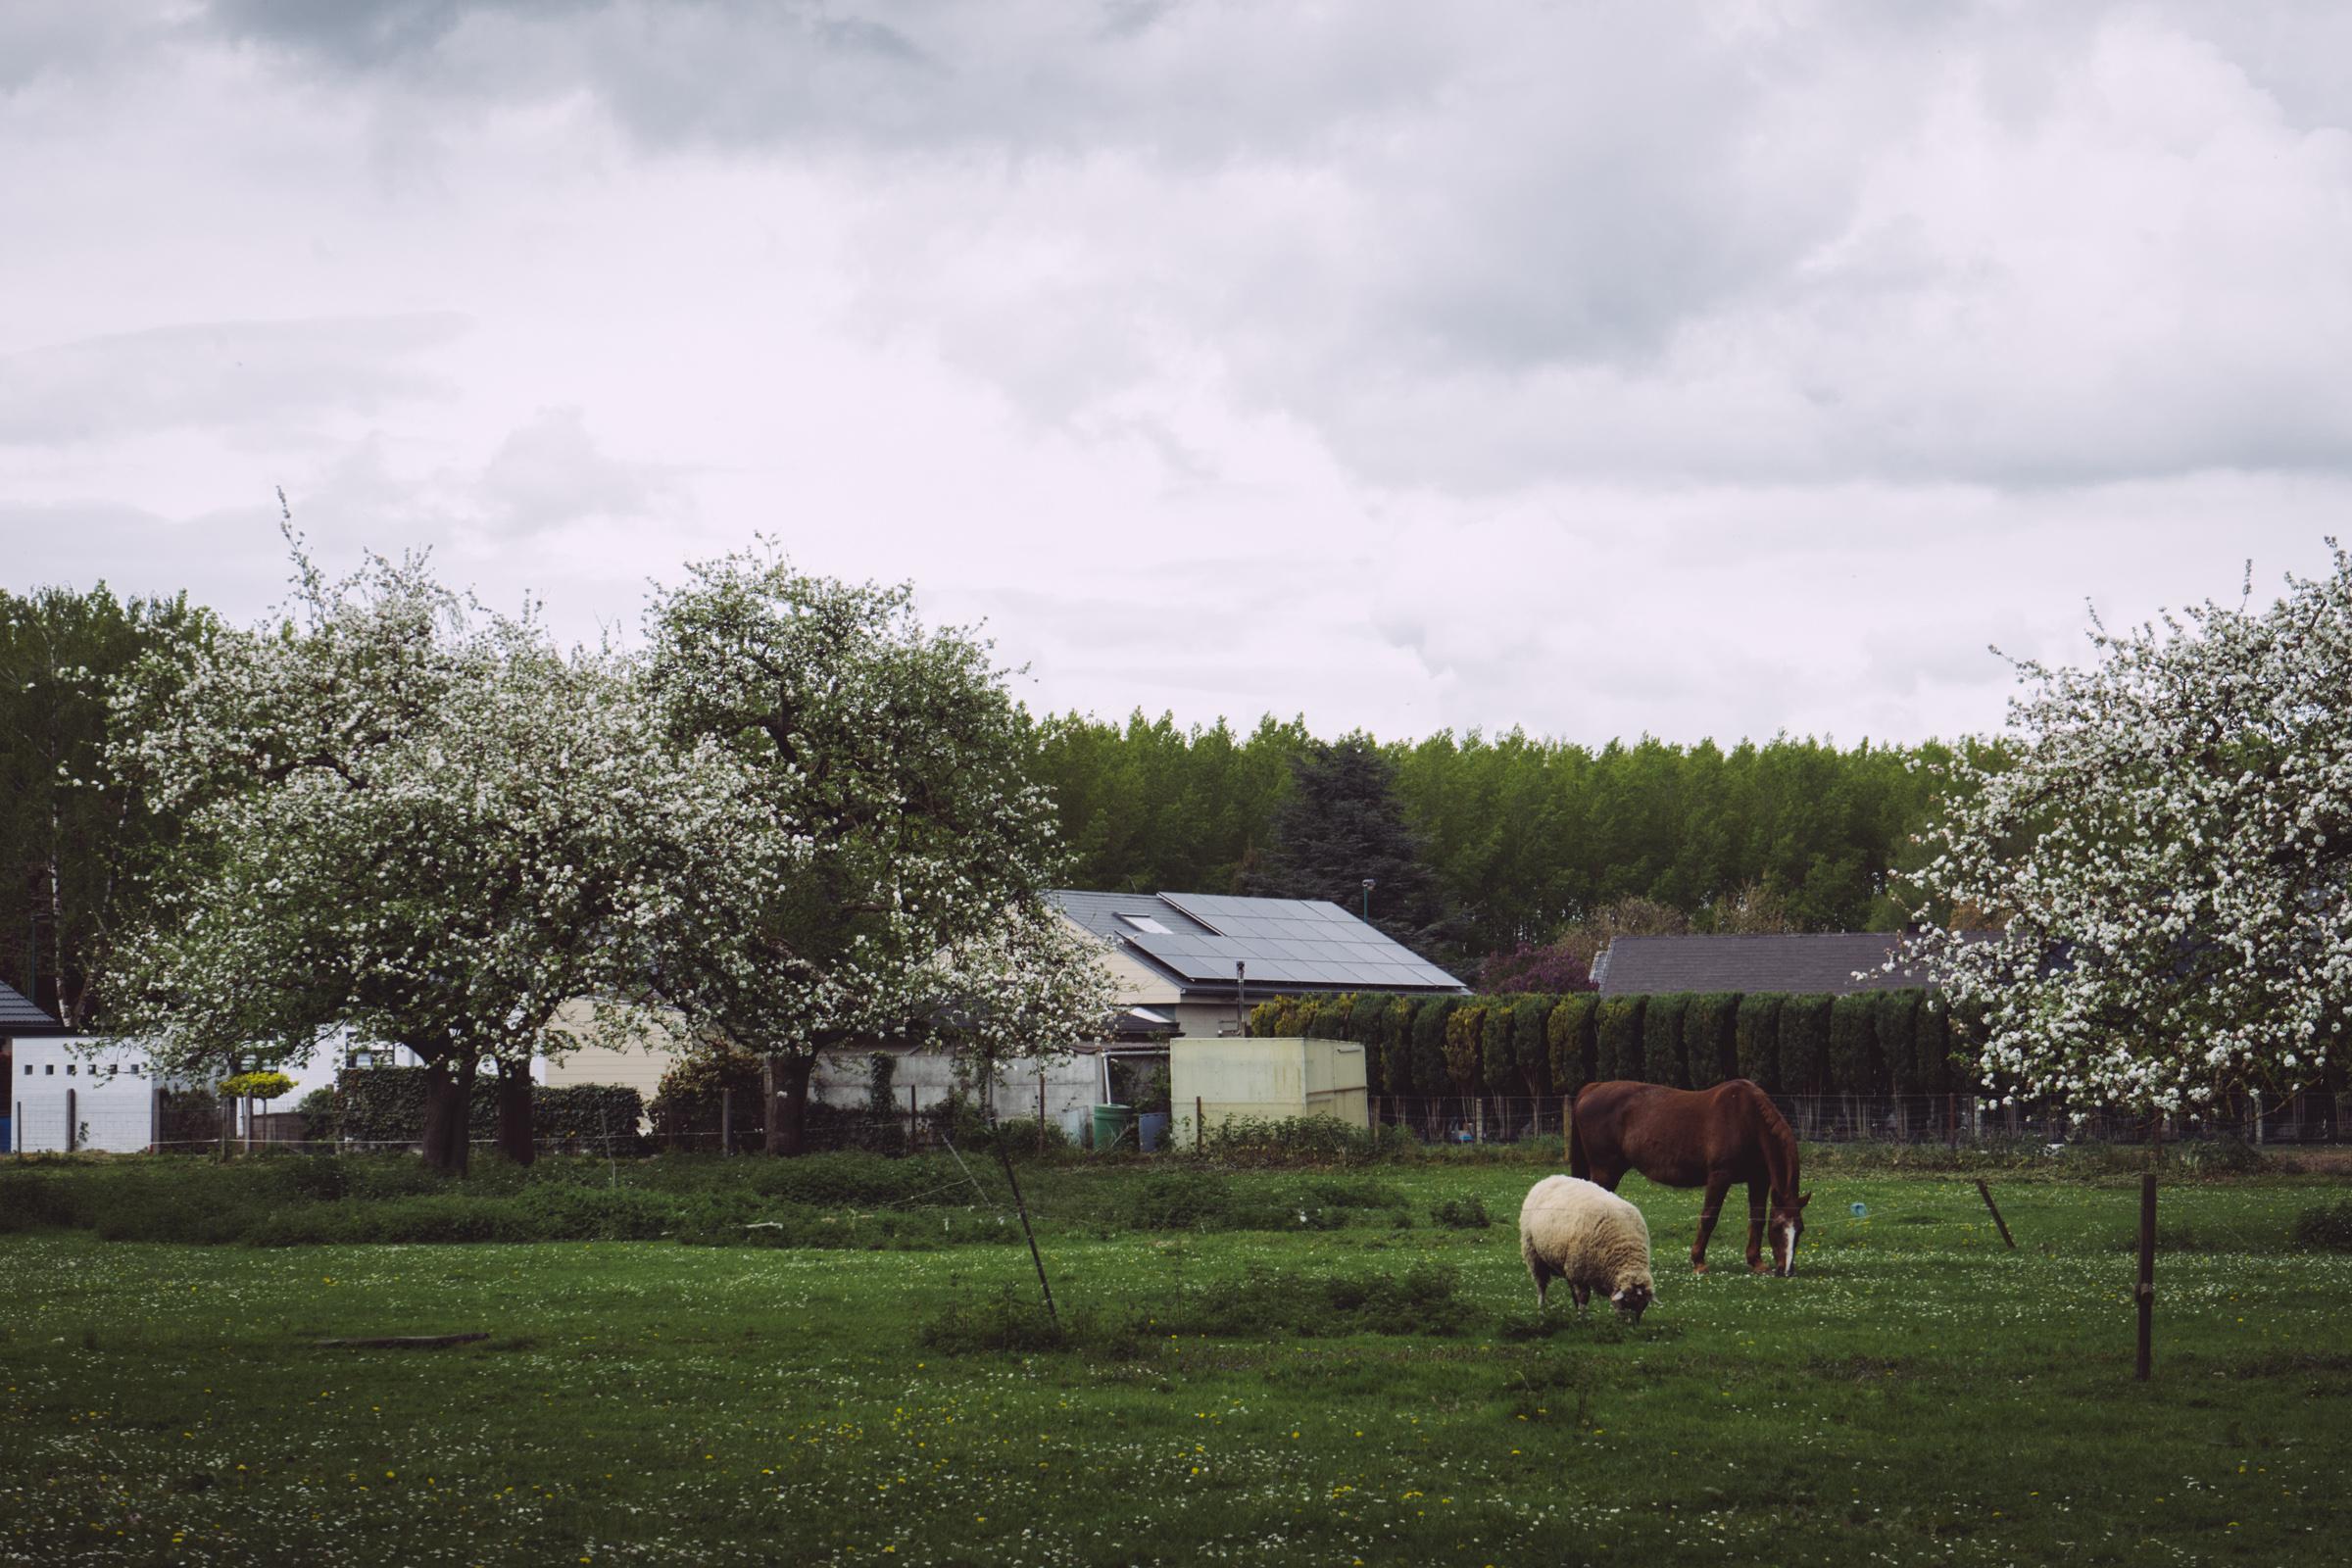 La campagne environnante de Tournai